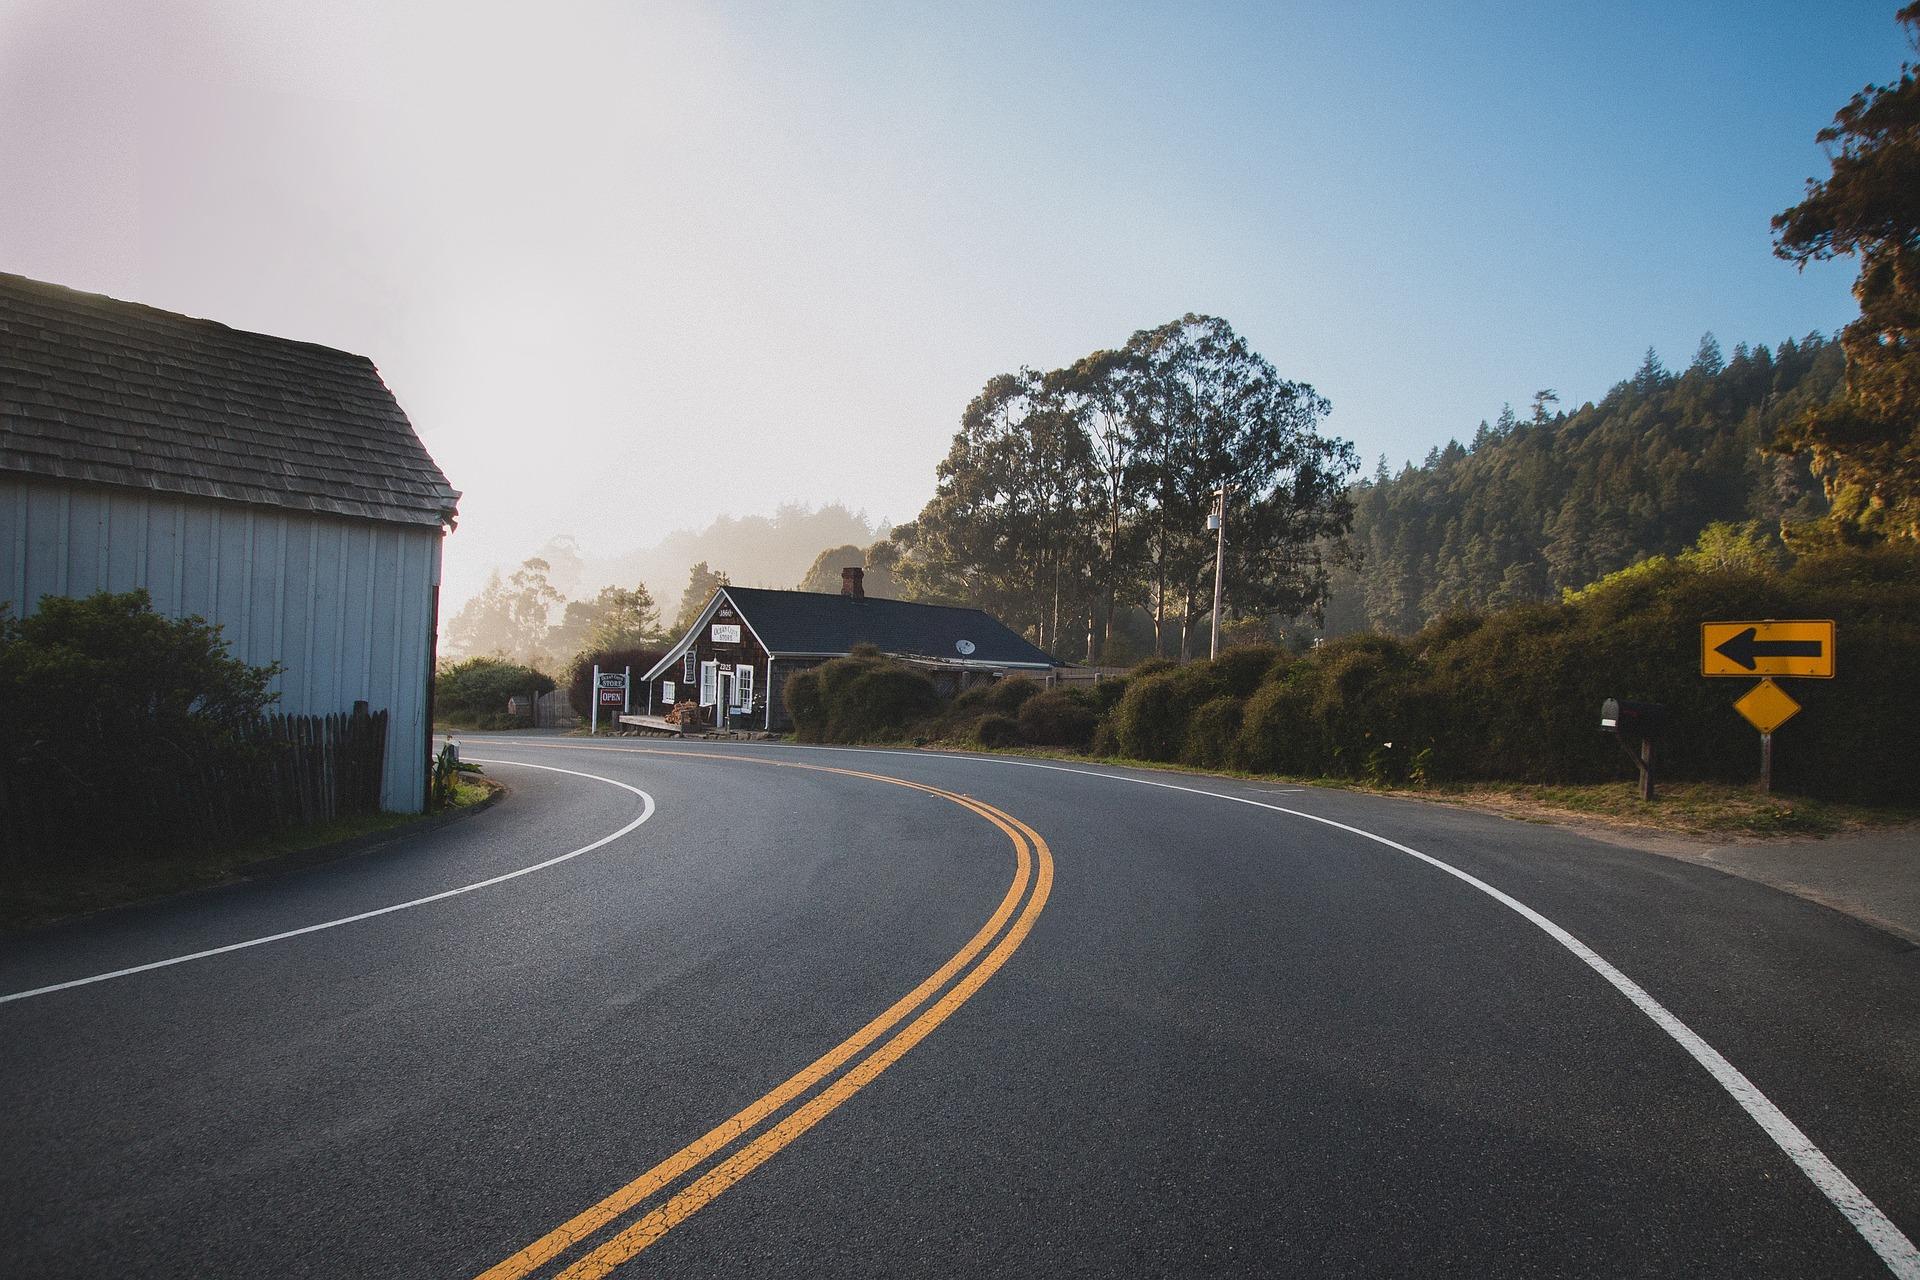 road-863126_1920.jpg